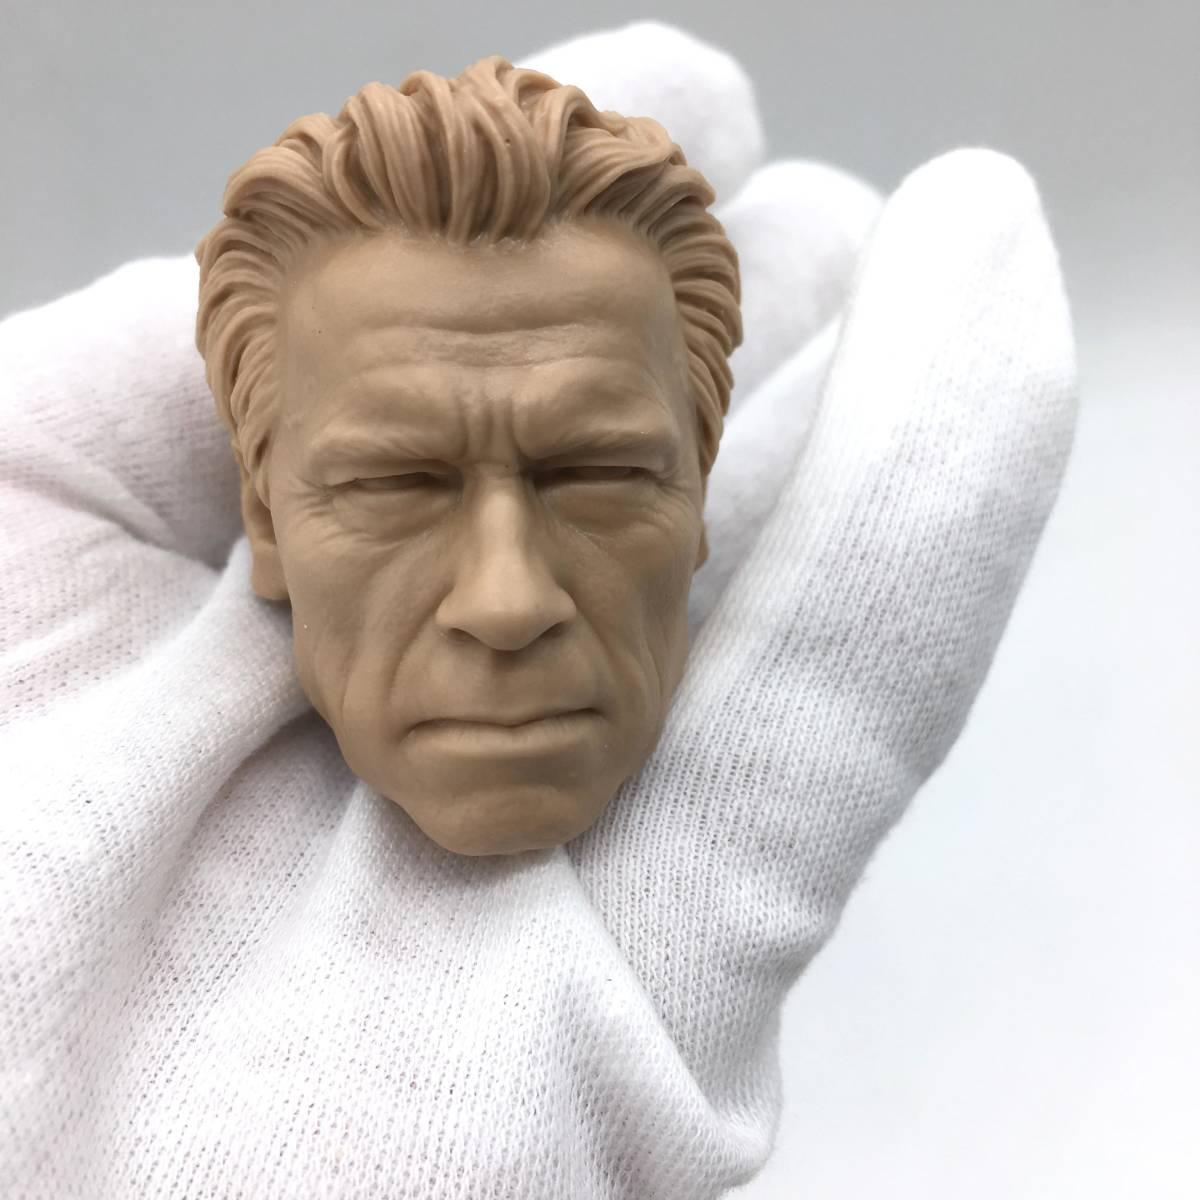 送料無料 1/6 DIY ヘッド 手作り 未塗装男性ヘッド アーノルド・シュワルツェネッガー -a 番号B35_画像1